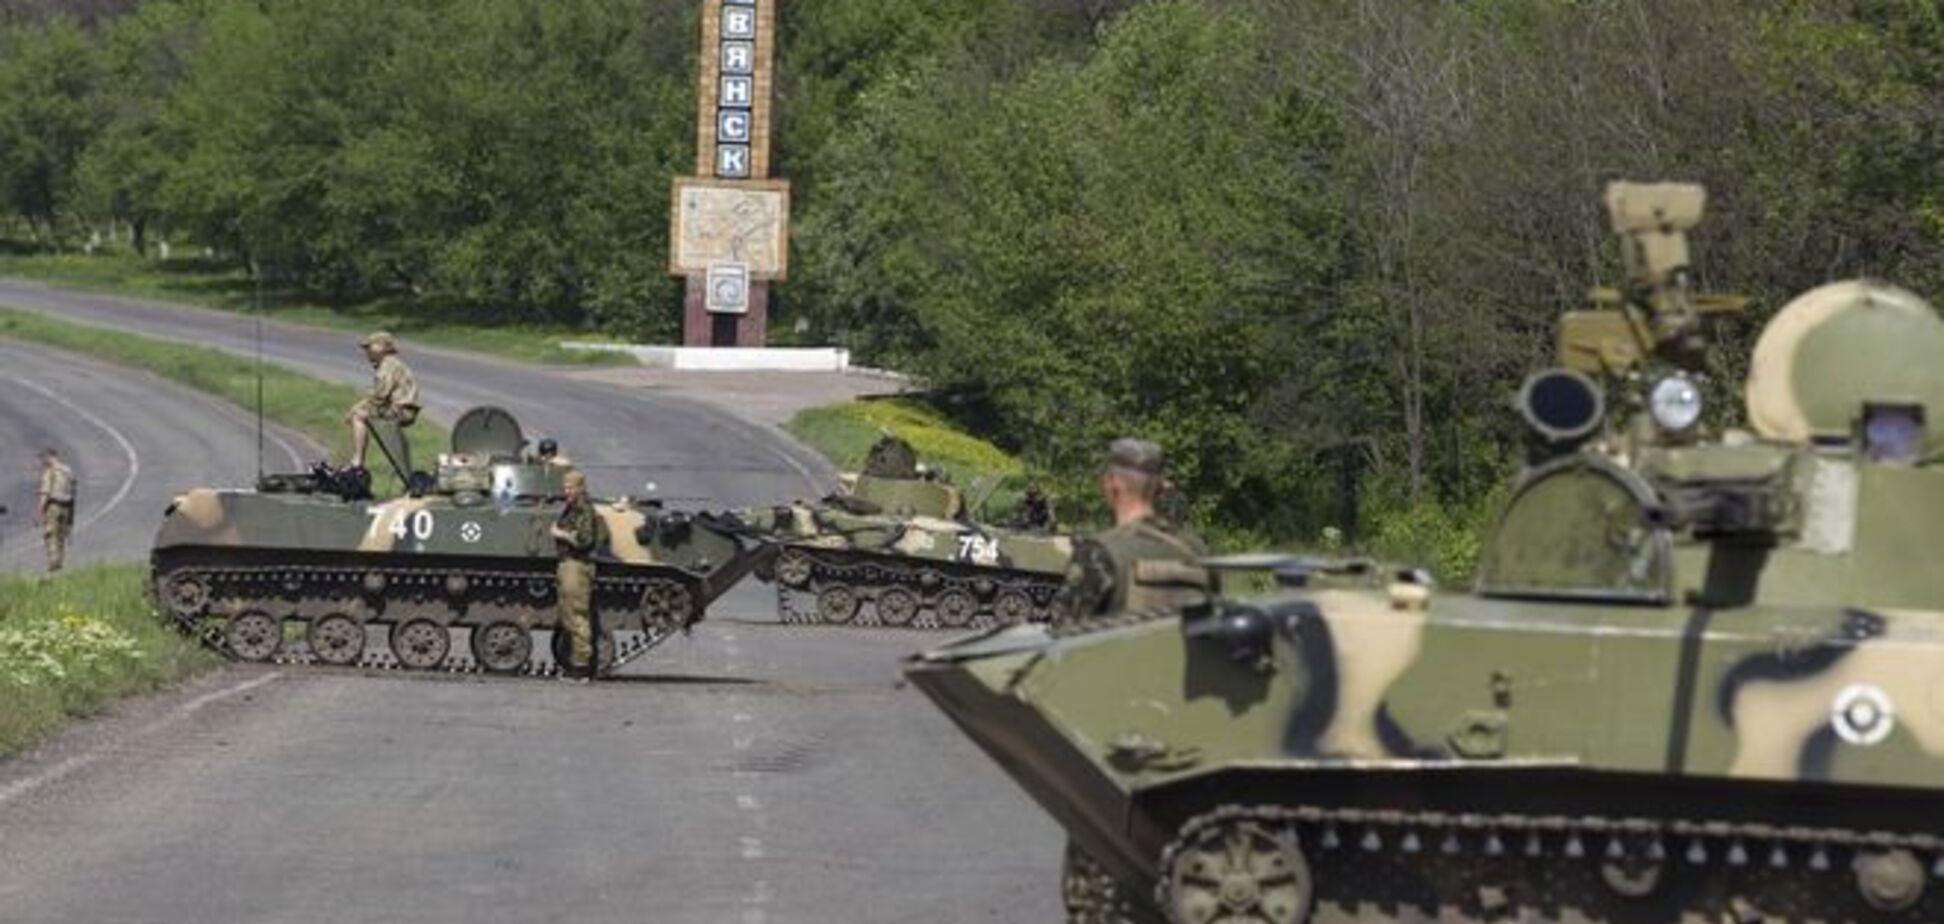 Журналисты назвали три сценария  развития событий на Донбассе